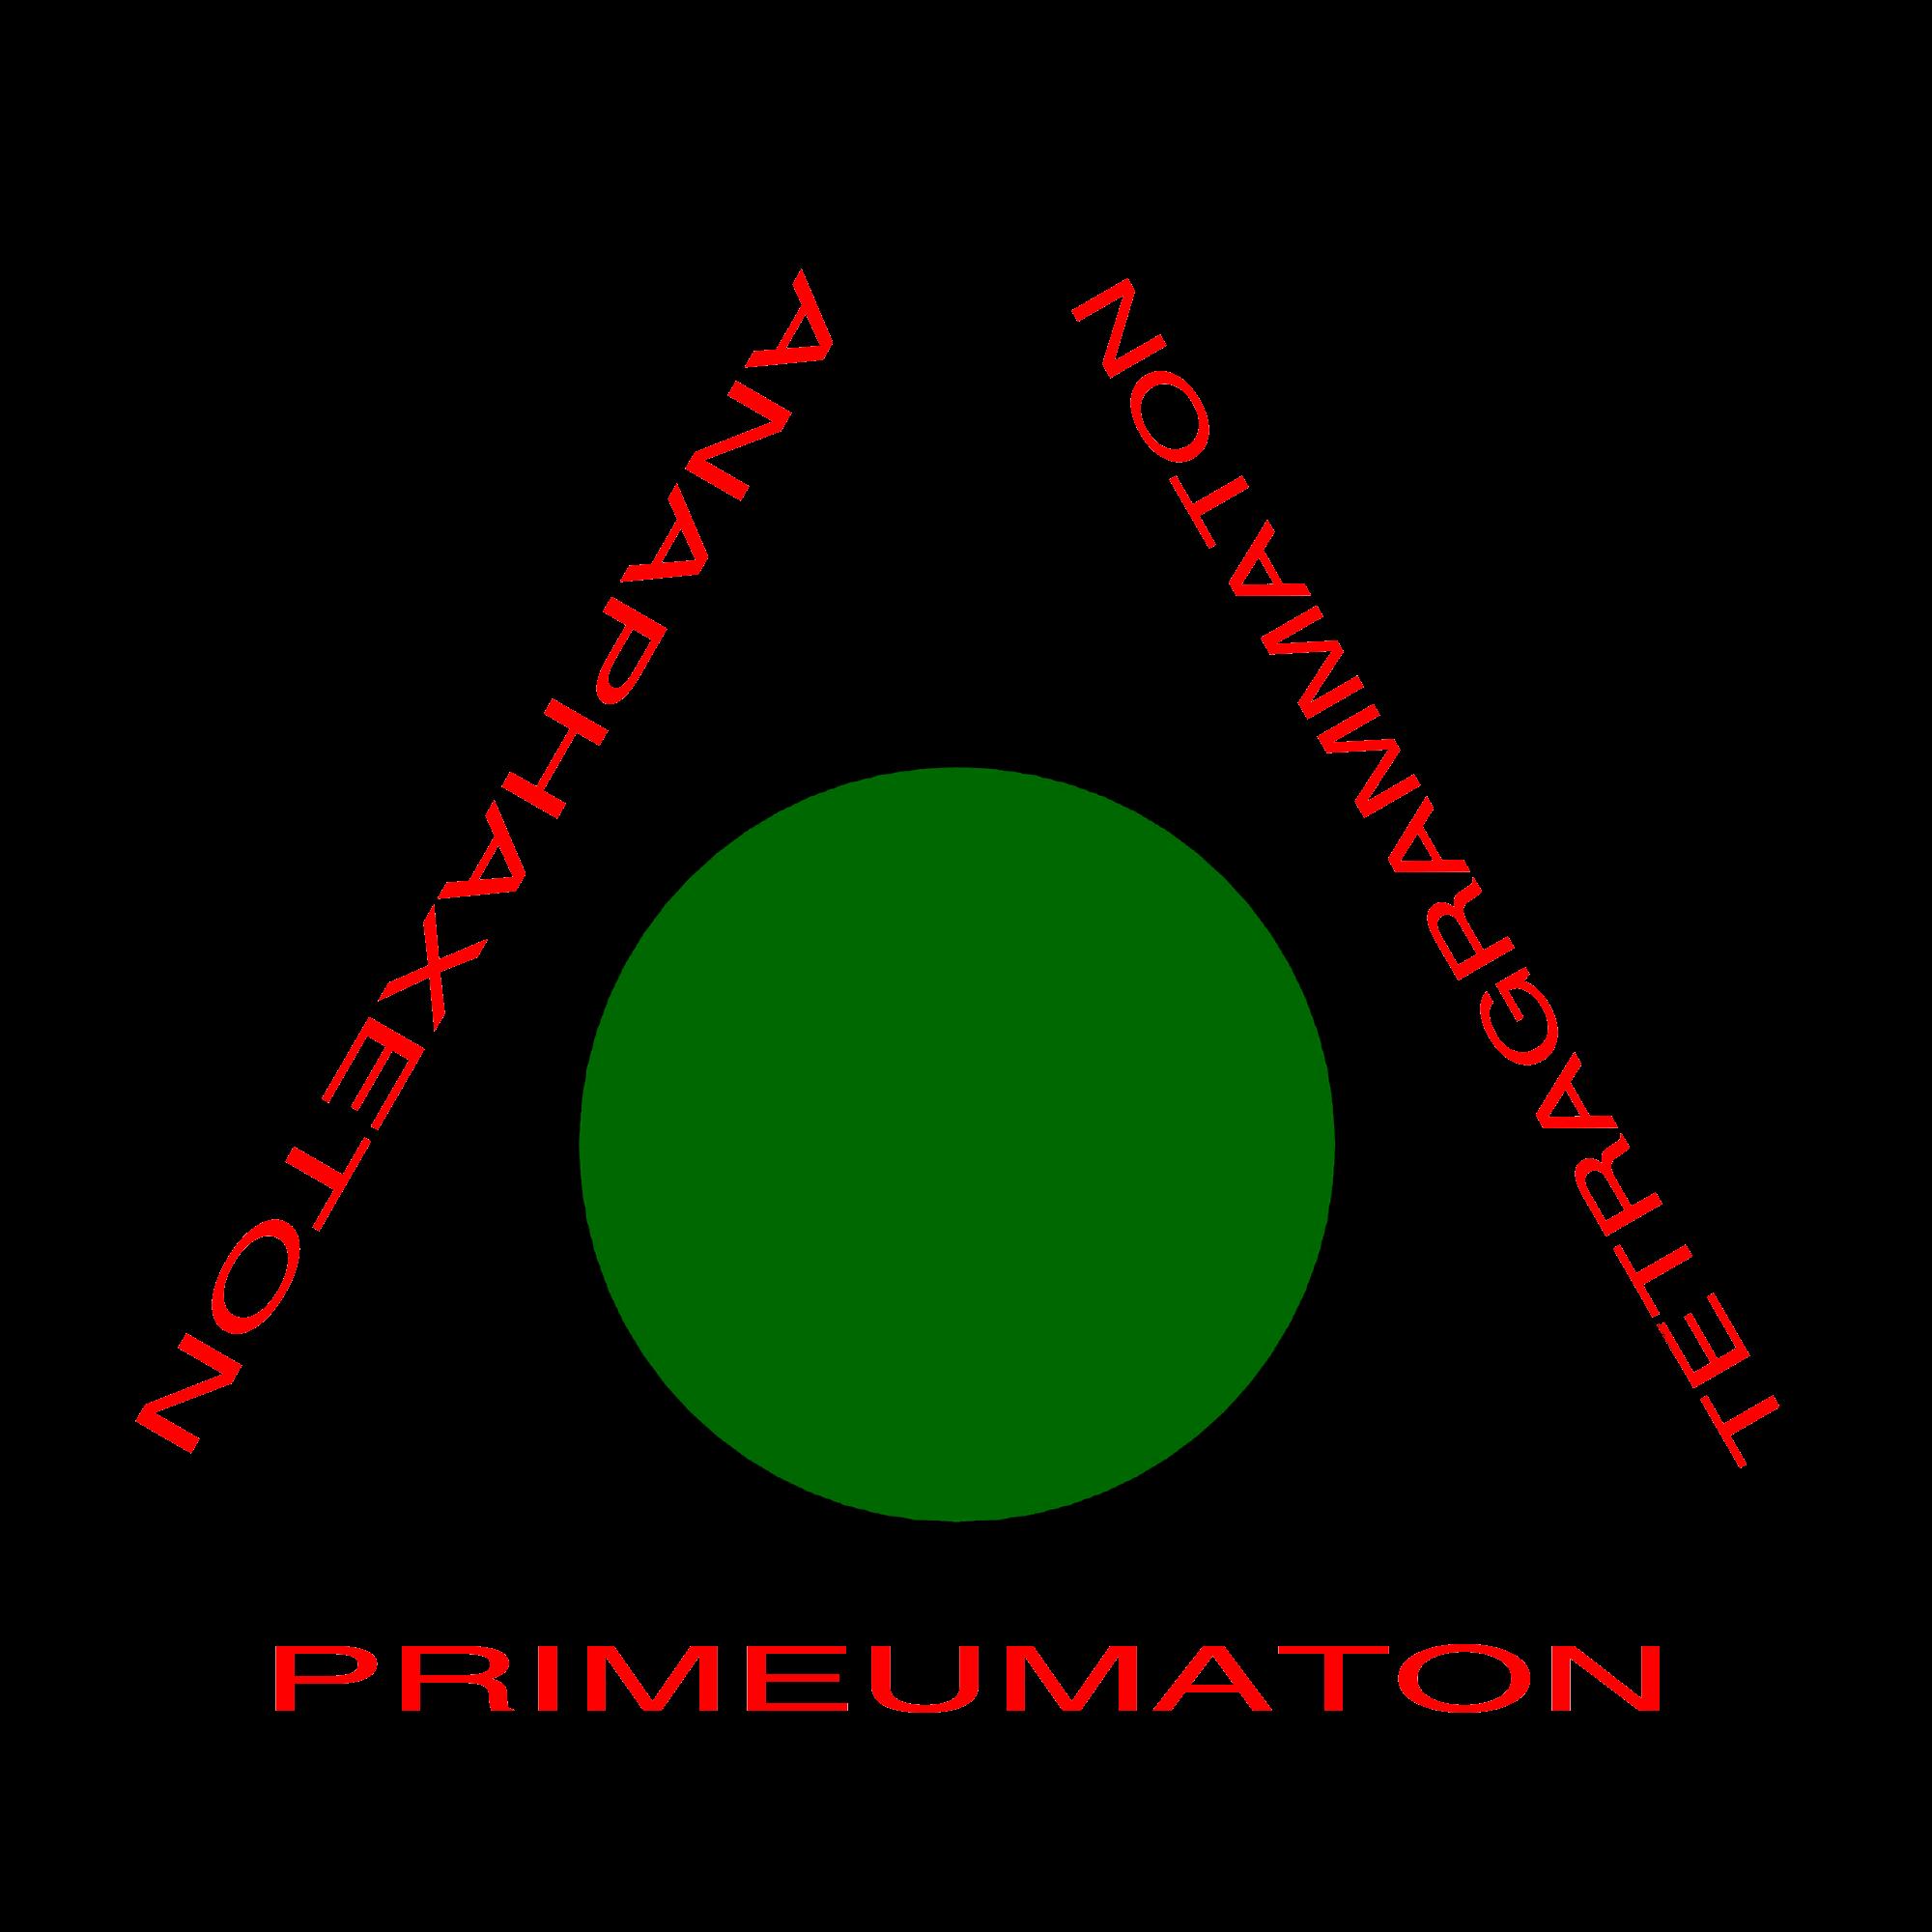 Triangulo de manifestação colorido para magia Goétia - Triângulo da arte para Goecia de Salomão